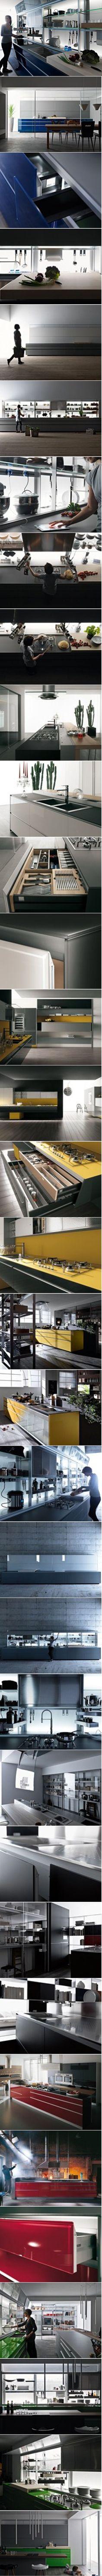 VALCUCINE ARTEMATICA VITRUM Cocina Integral De Vidrio Diseño De Gabriele  Centazzo